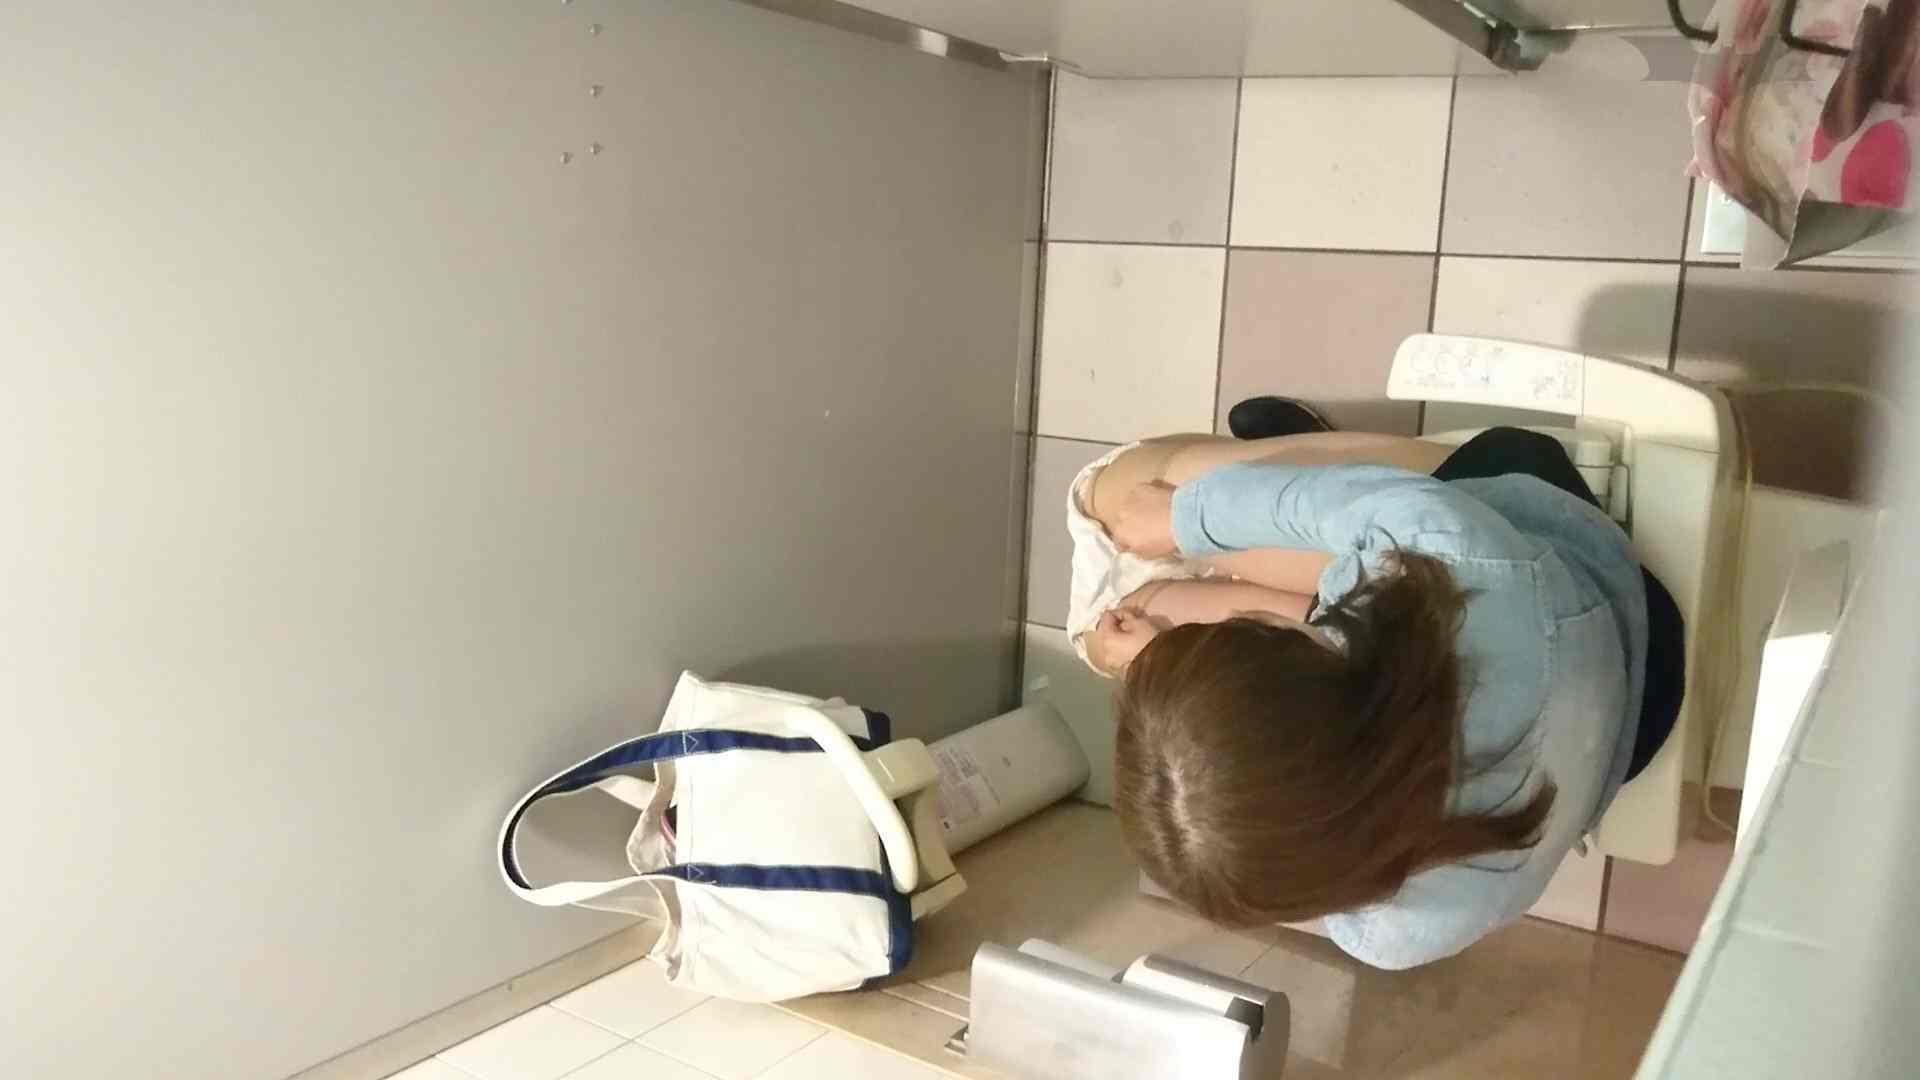 化粧室絵巻 ショッピングモール編 VOL.16 0  94pic 68